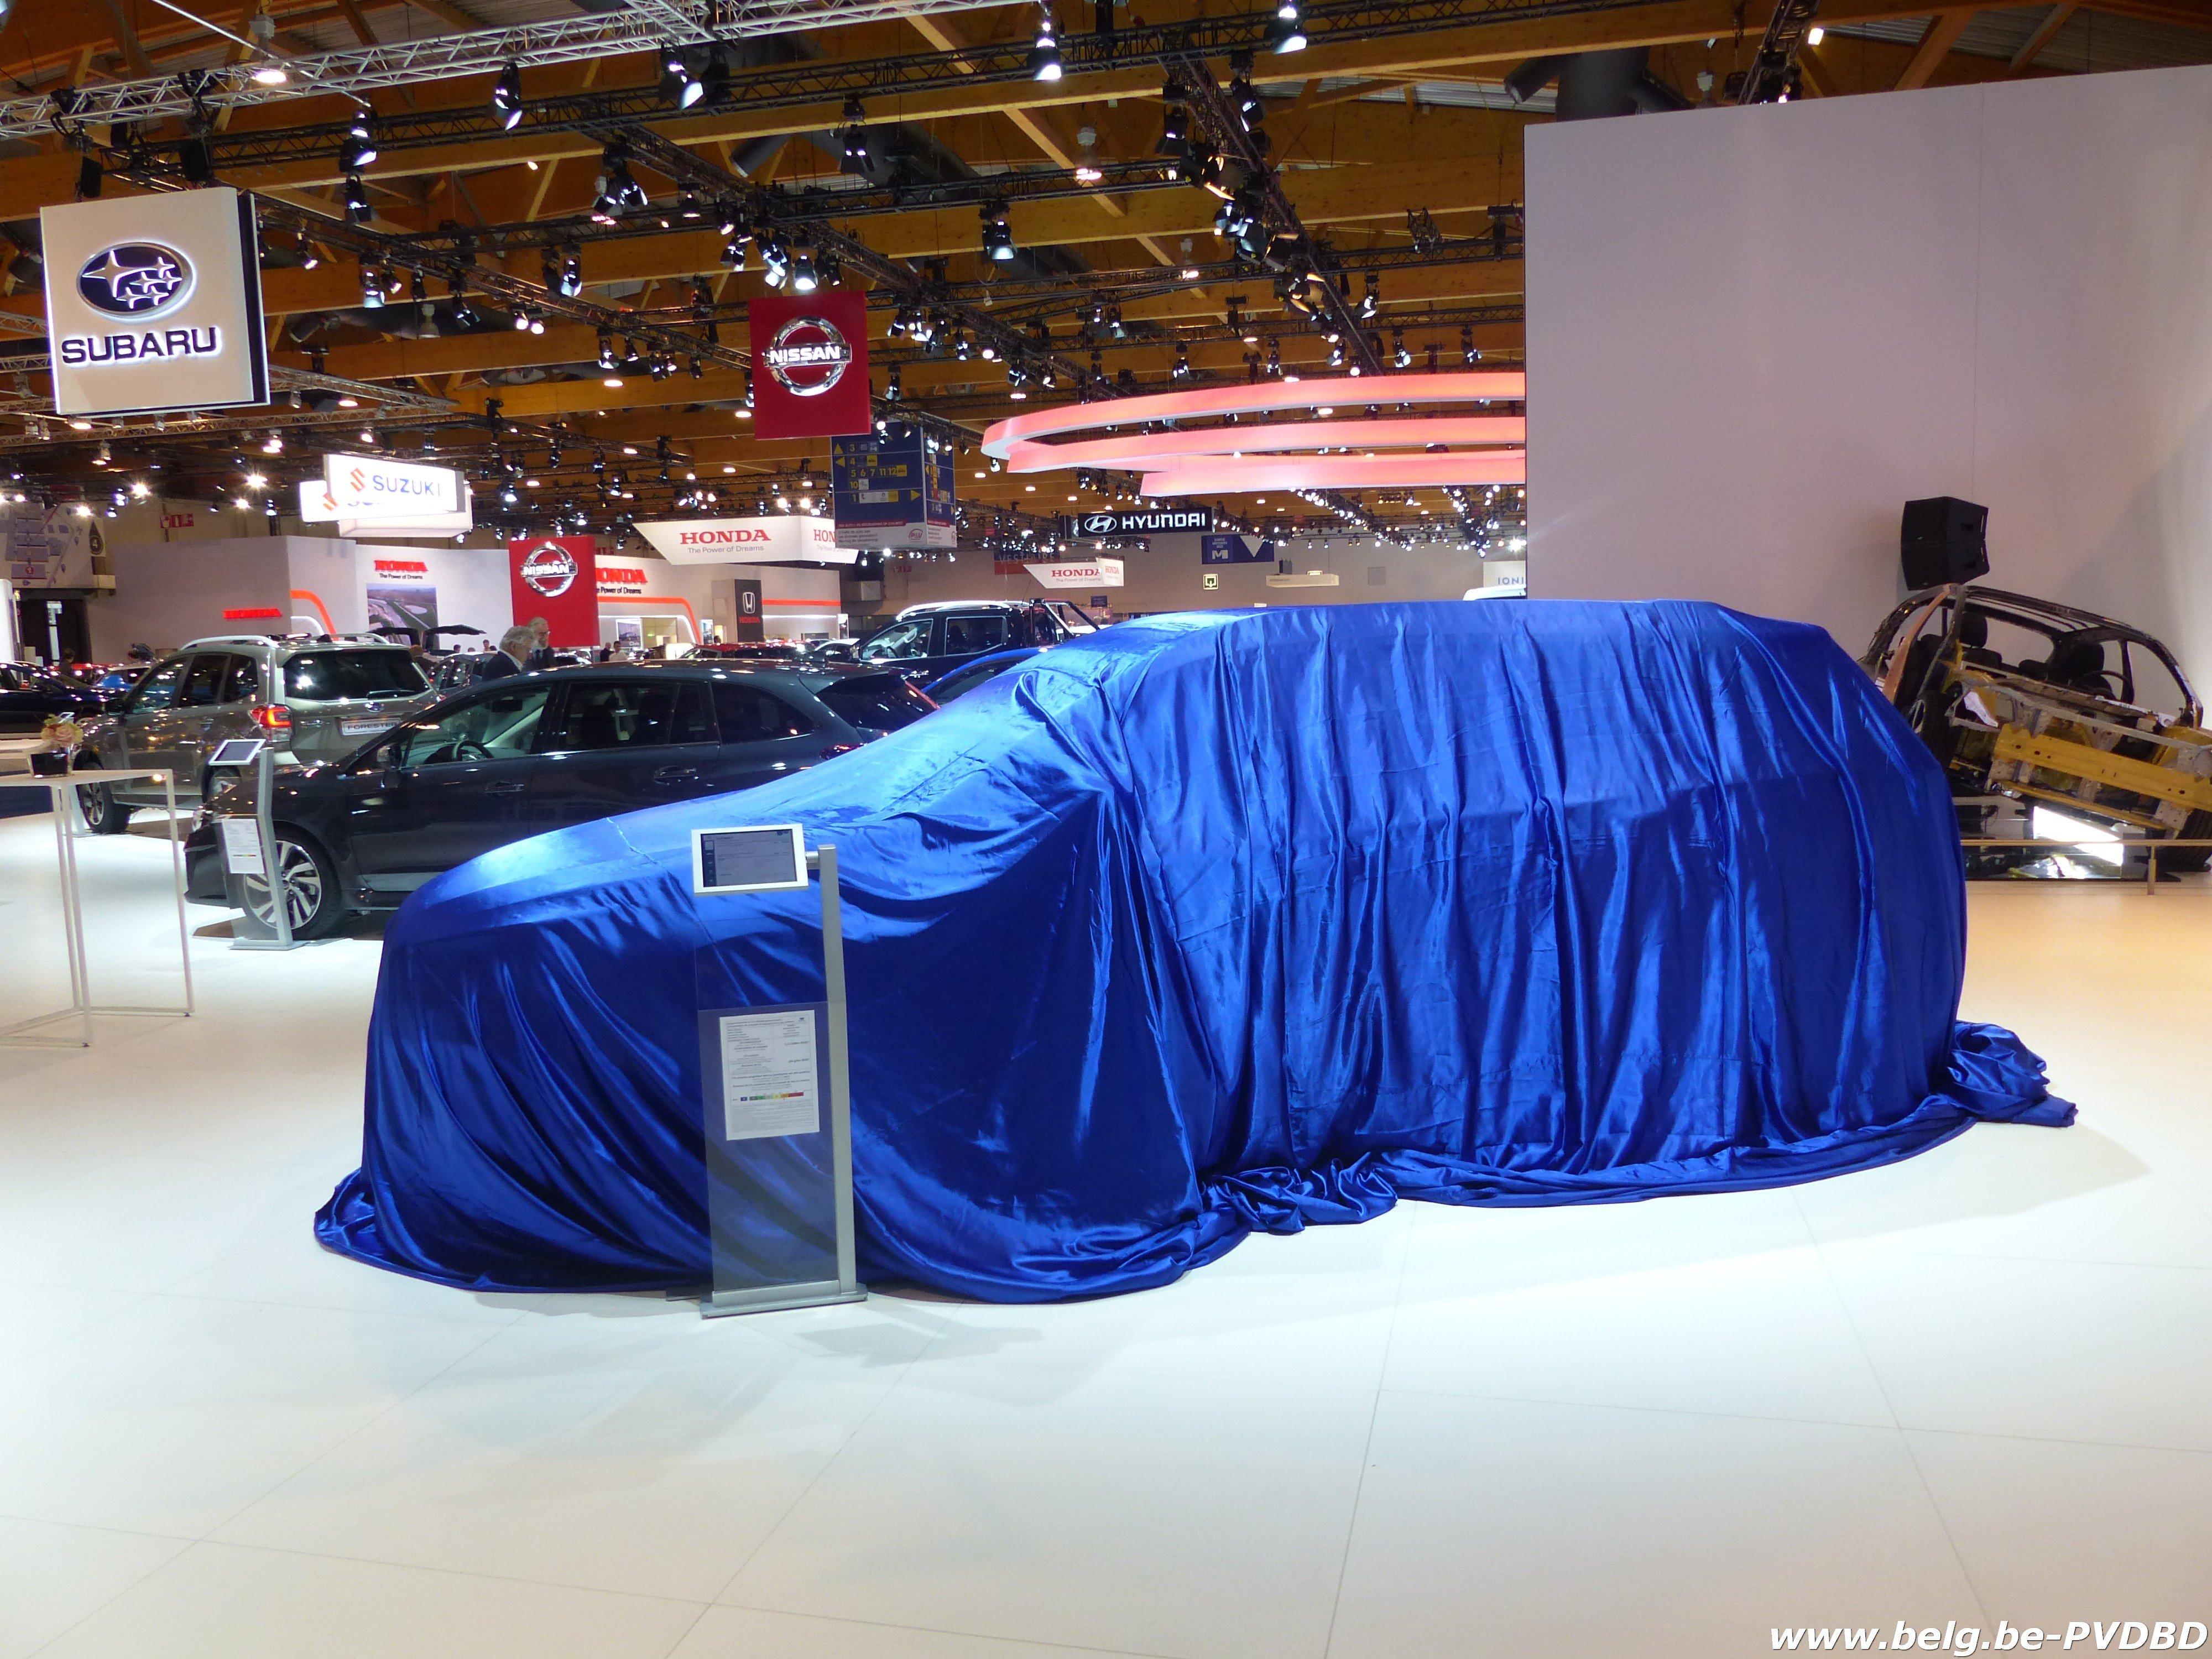 Brussel klaar voor 96e auto- en motorsalon - P1110993